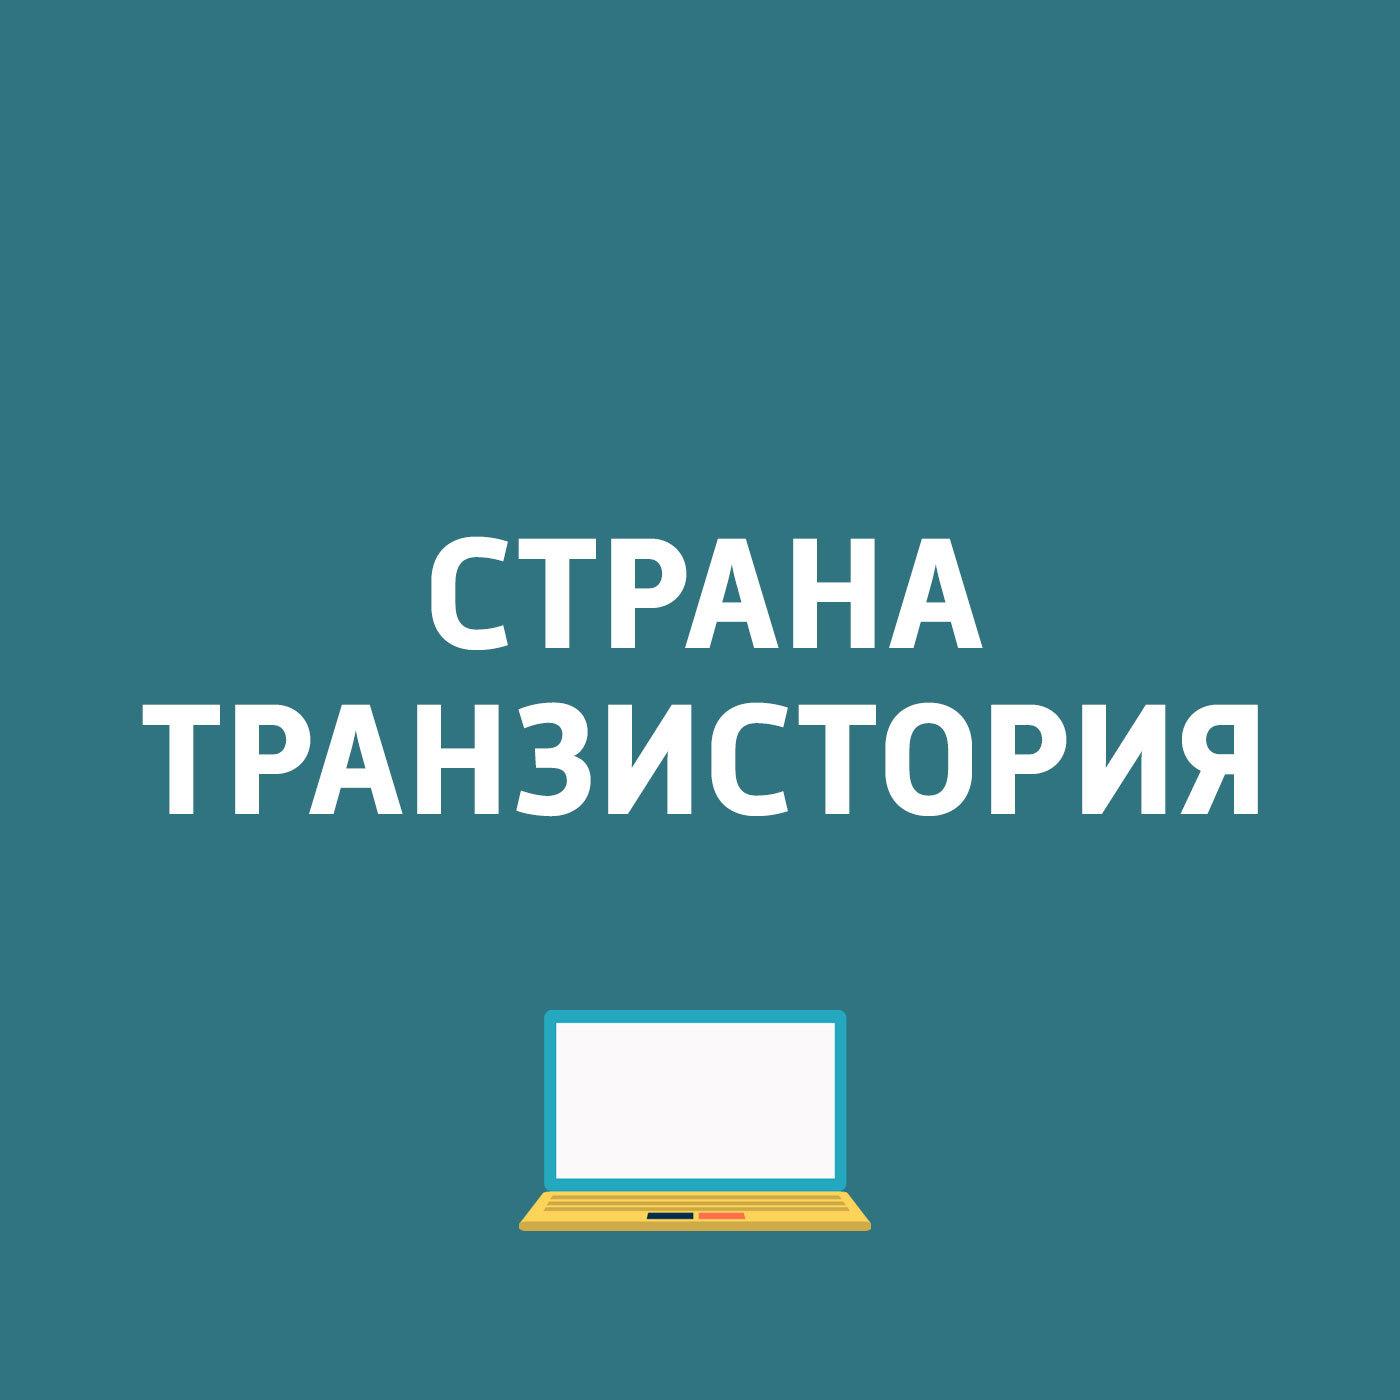 Картаев Павел Опубликован рейтинг приложений для поиска работы картаев павел сырники